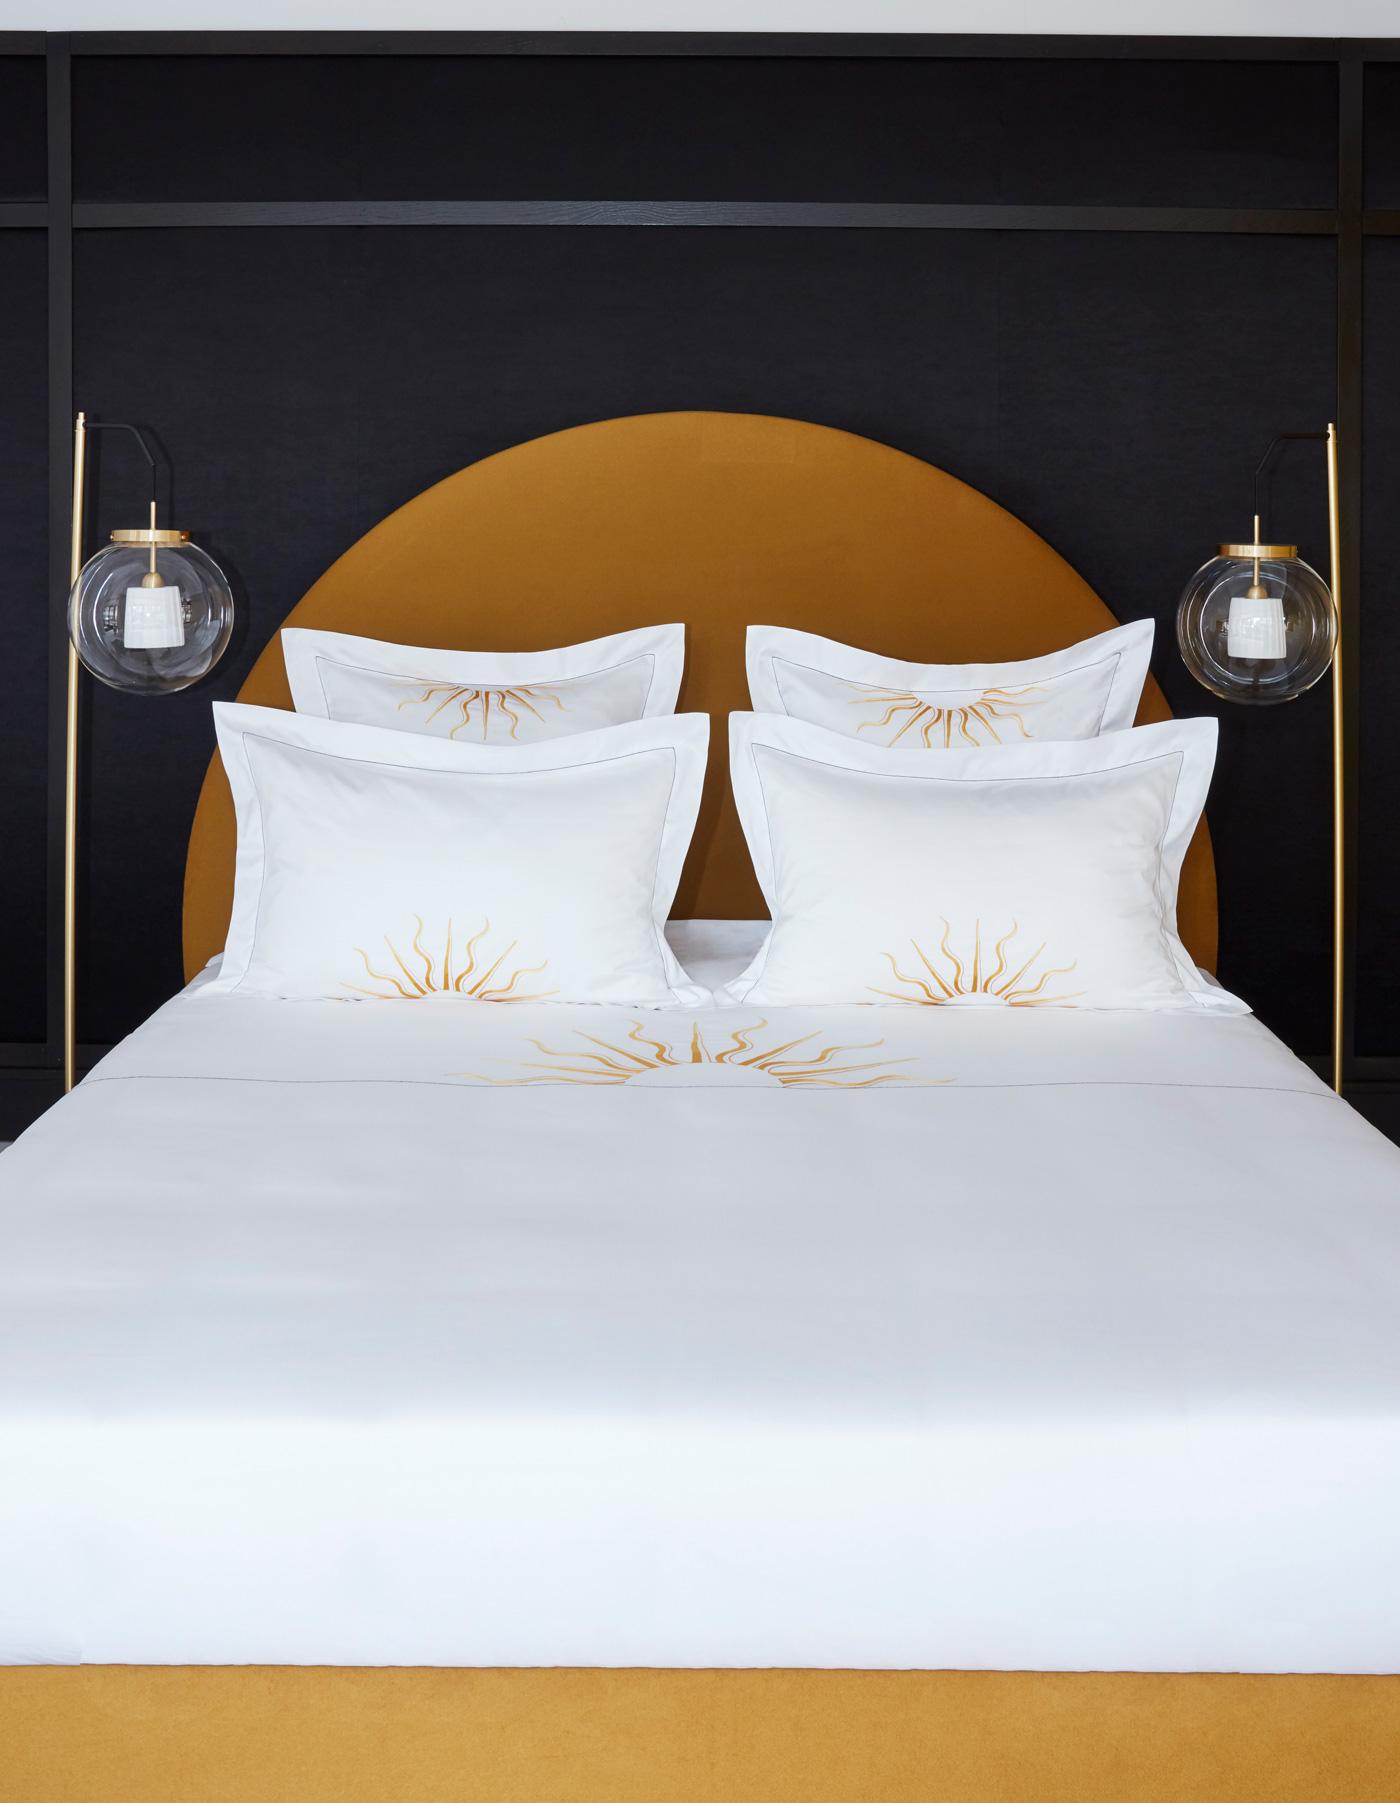 Idee Deco Chambre Londres l'atmosphère de la chambre jaune | idées déco, meubles et